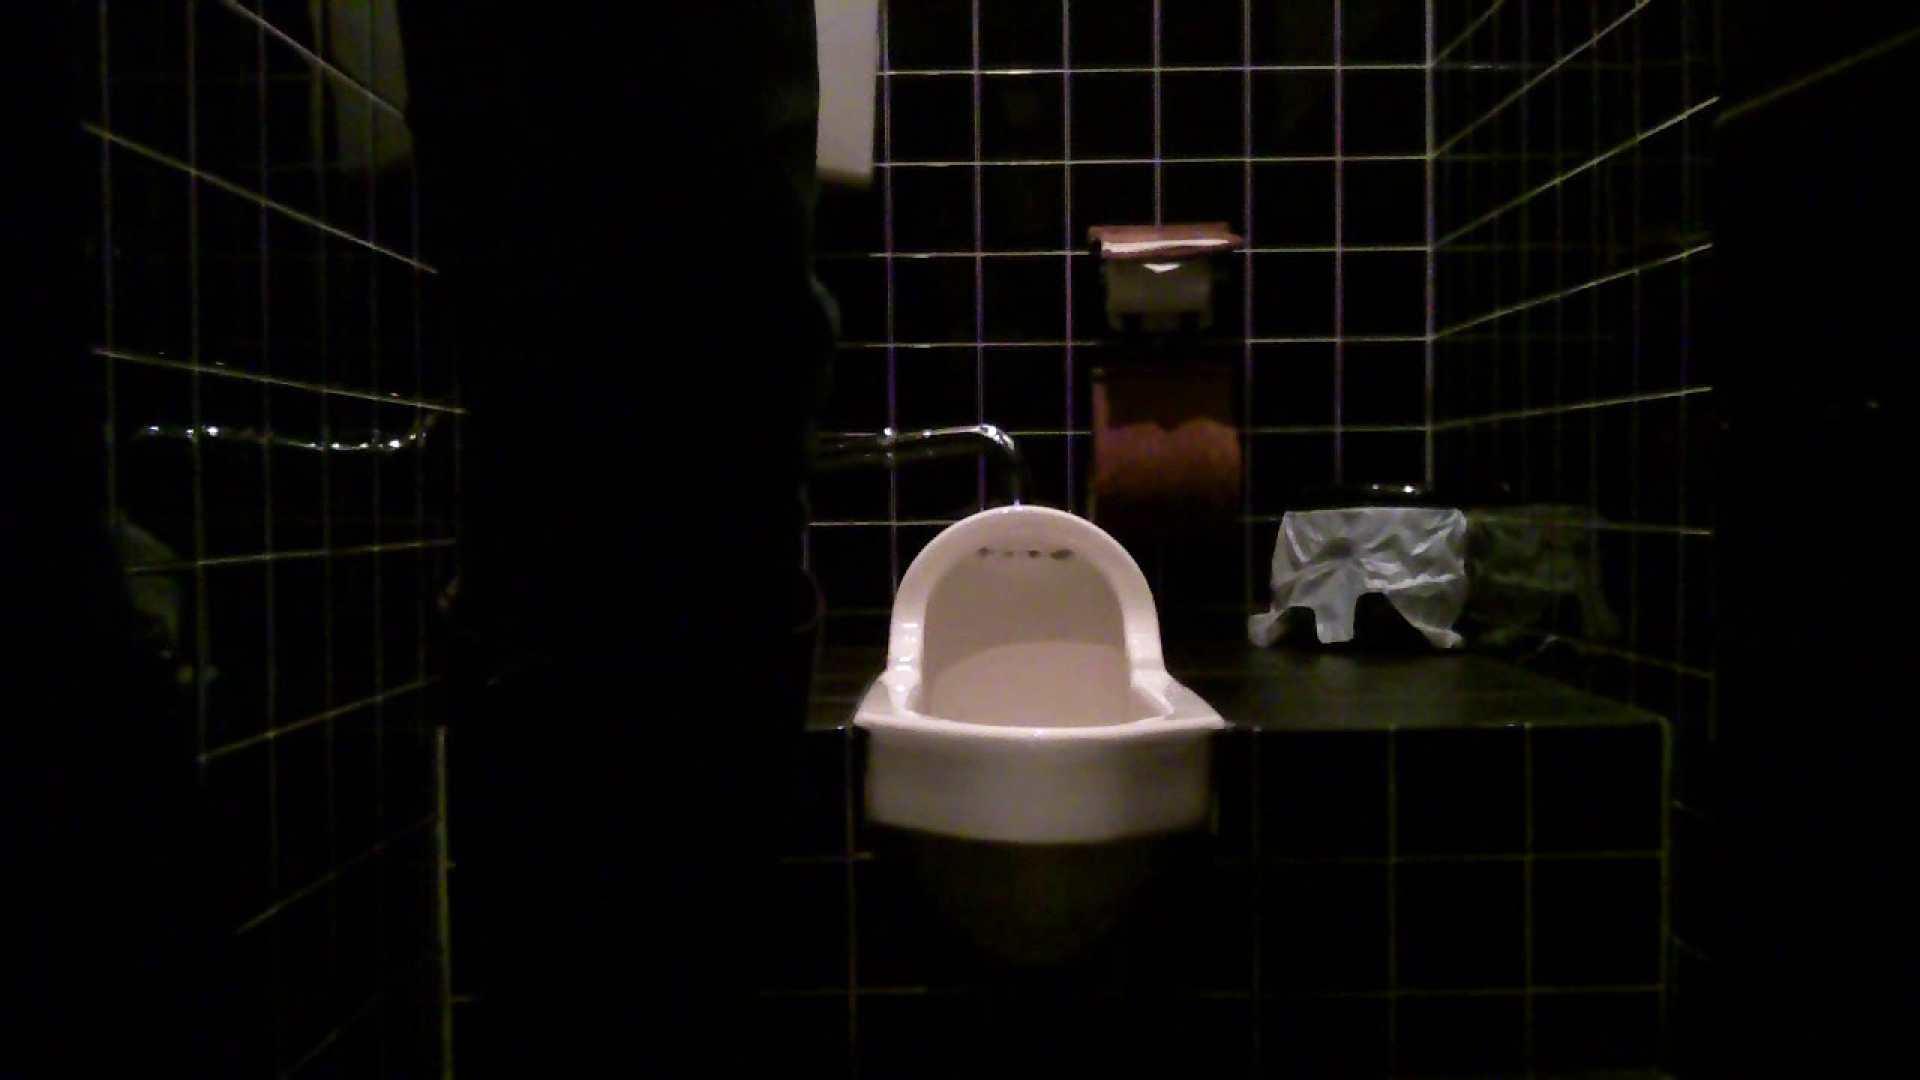 美女の集まる飲み屋洗面所 vol.05 OLの実態 覗きスケベ動画紹介 61pic 50